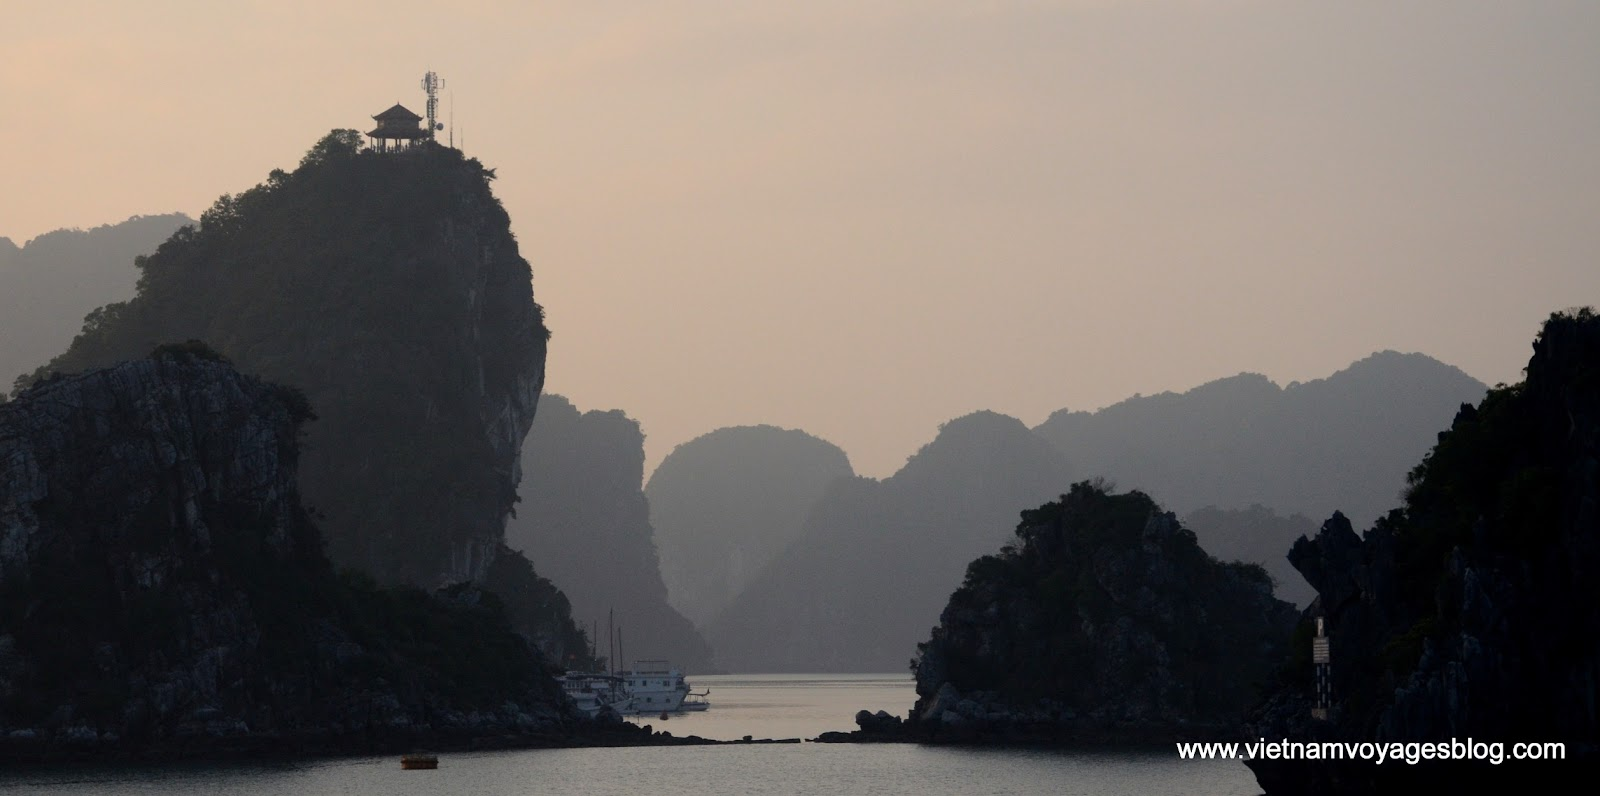 Ngắm nhìn nét đẹp mê hồn người của Vịnh Hạ Long